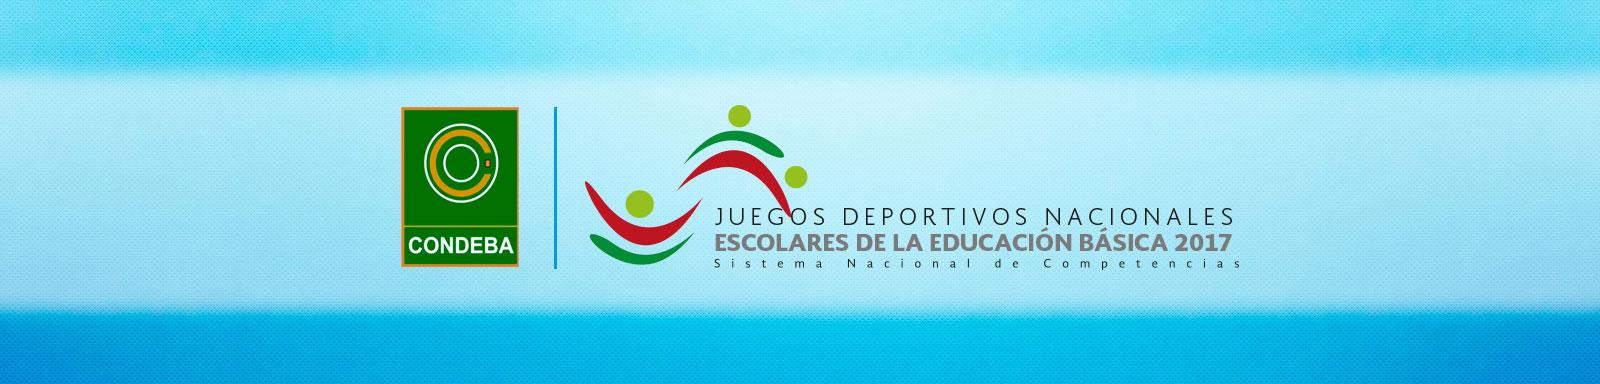 Juegos Deportivos Nacionales Escolares De La Educacion Basica 2017